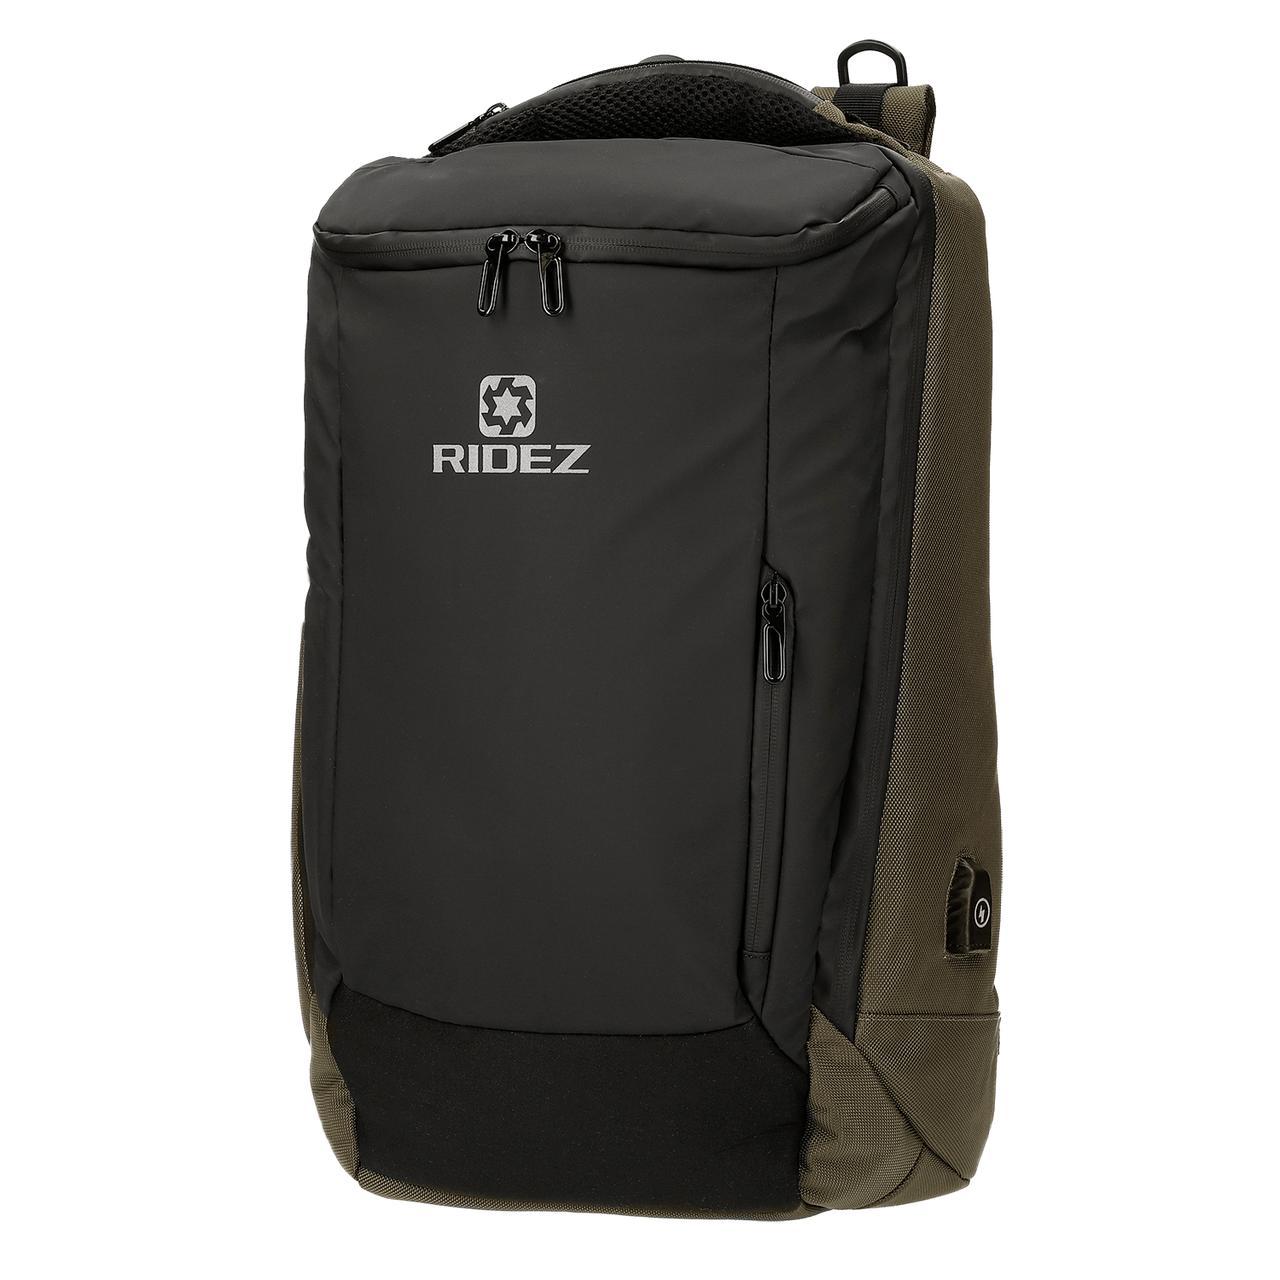 ビジネスシーンでも使えそう! RIDEZが新たなバッグブランド「ライズ トランスポーター」の展開を開始